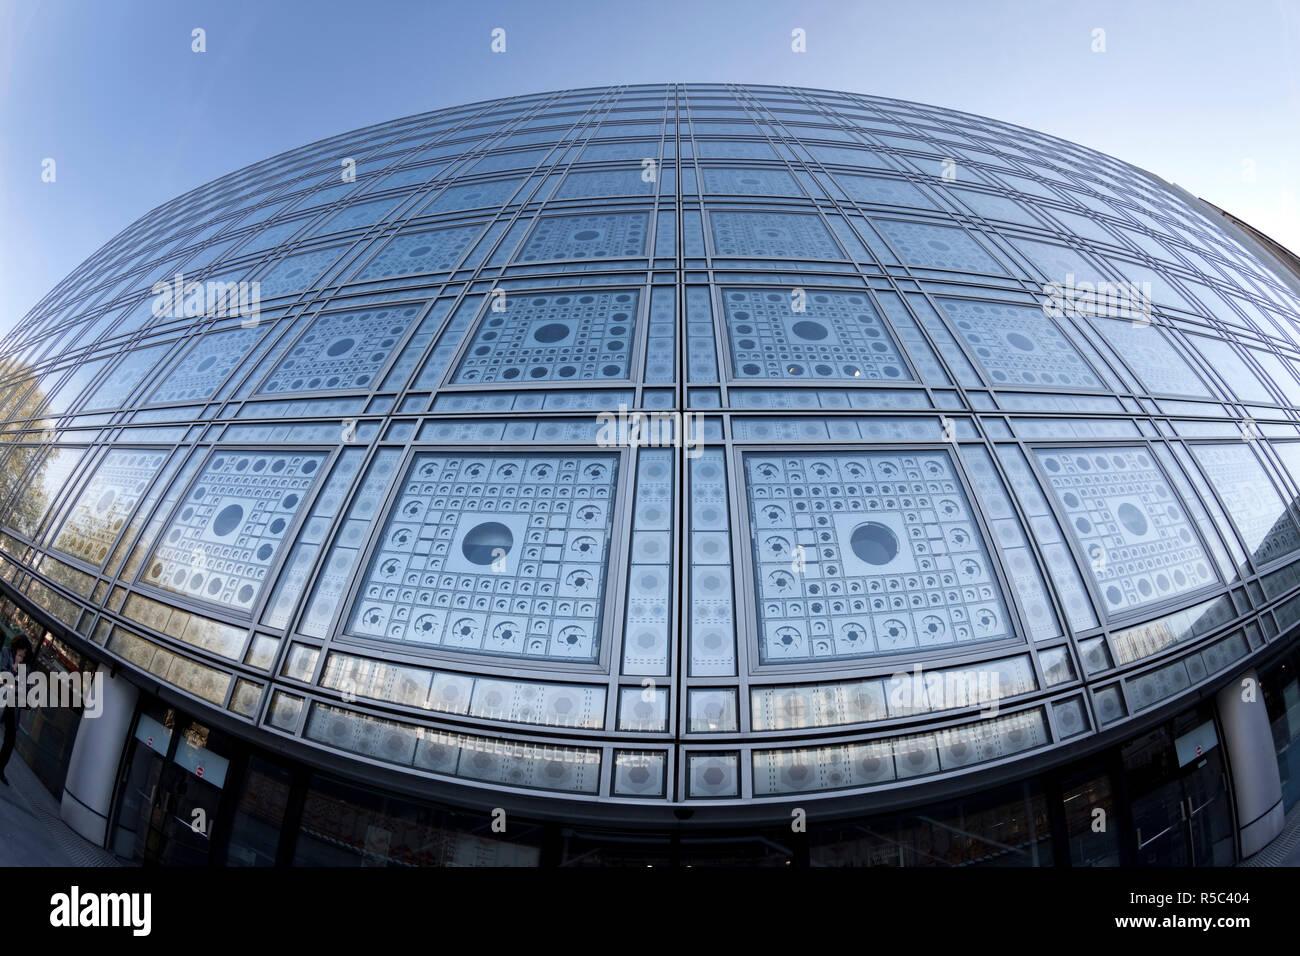 Arab Institute, Paris, France - Stock Image